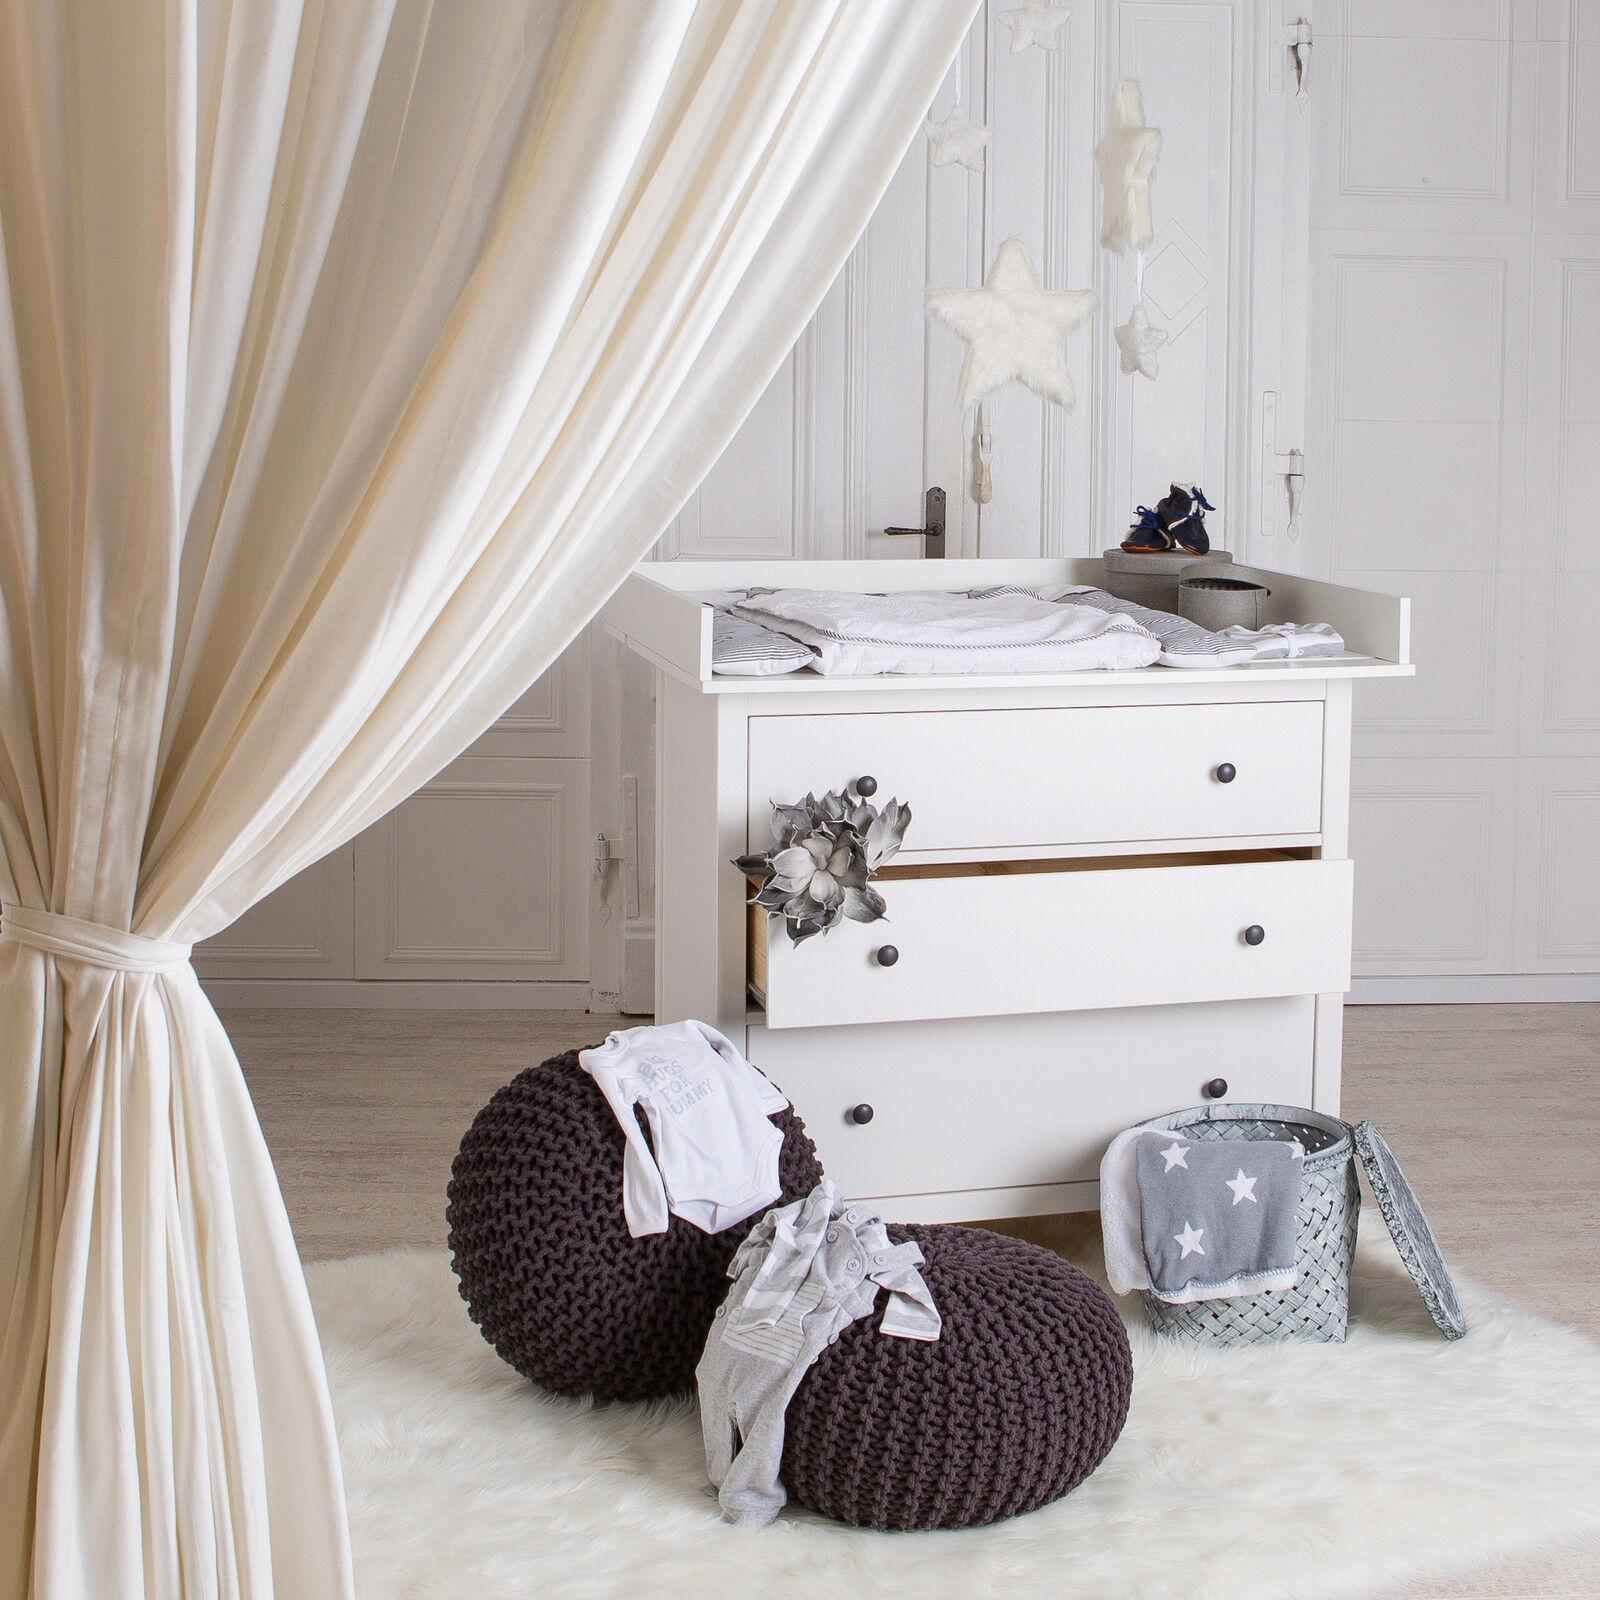 xxl rund wickelaufsatz wickeltischaufsatz in 1 08m f r ikea hemnes kommode wickeltische. Black Bedroom Furniture Sets. Home Design Ideas